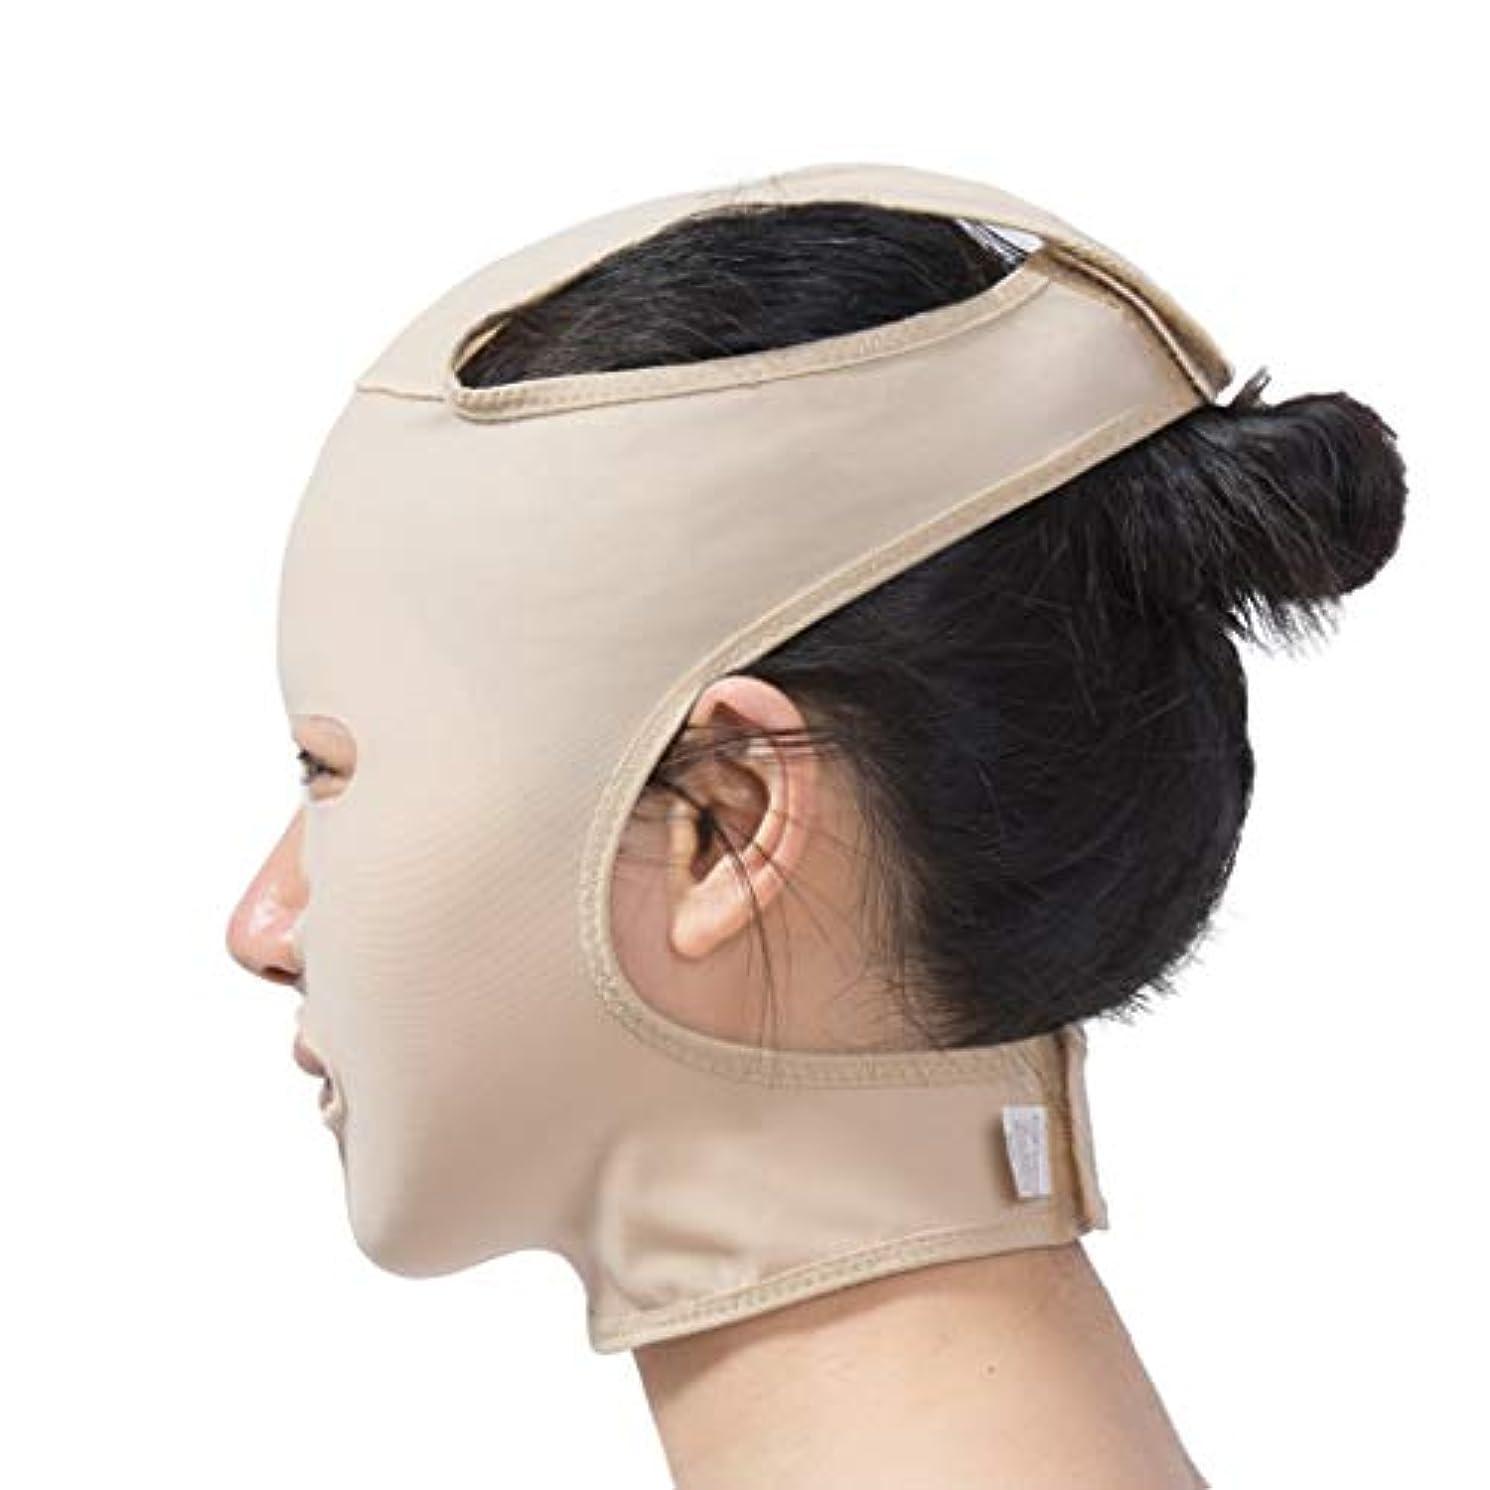 赤外線ピルファードレインフェイスリフトマスク、フルフェイスマスク医療グレード圧力フェイスダブルチンプラスチック脂肪吸引術弾性包帯ヘッドギア後の顔の脂肪吸引術 (Size : S)